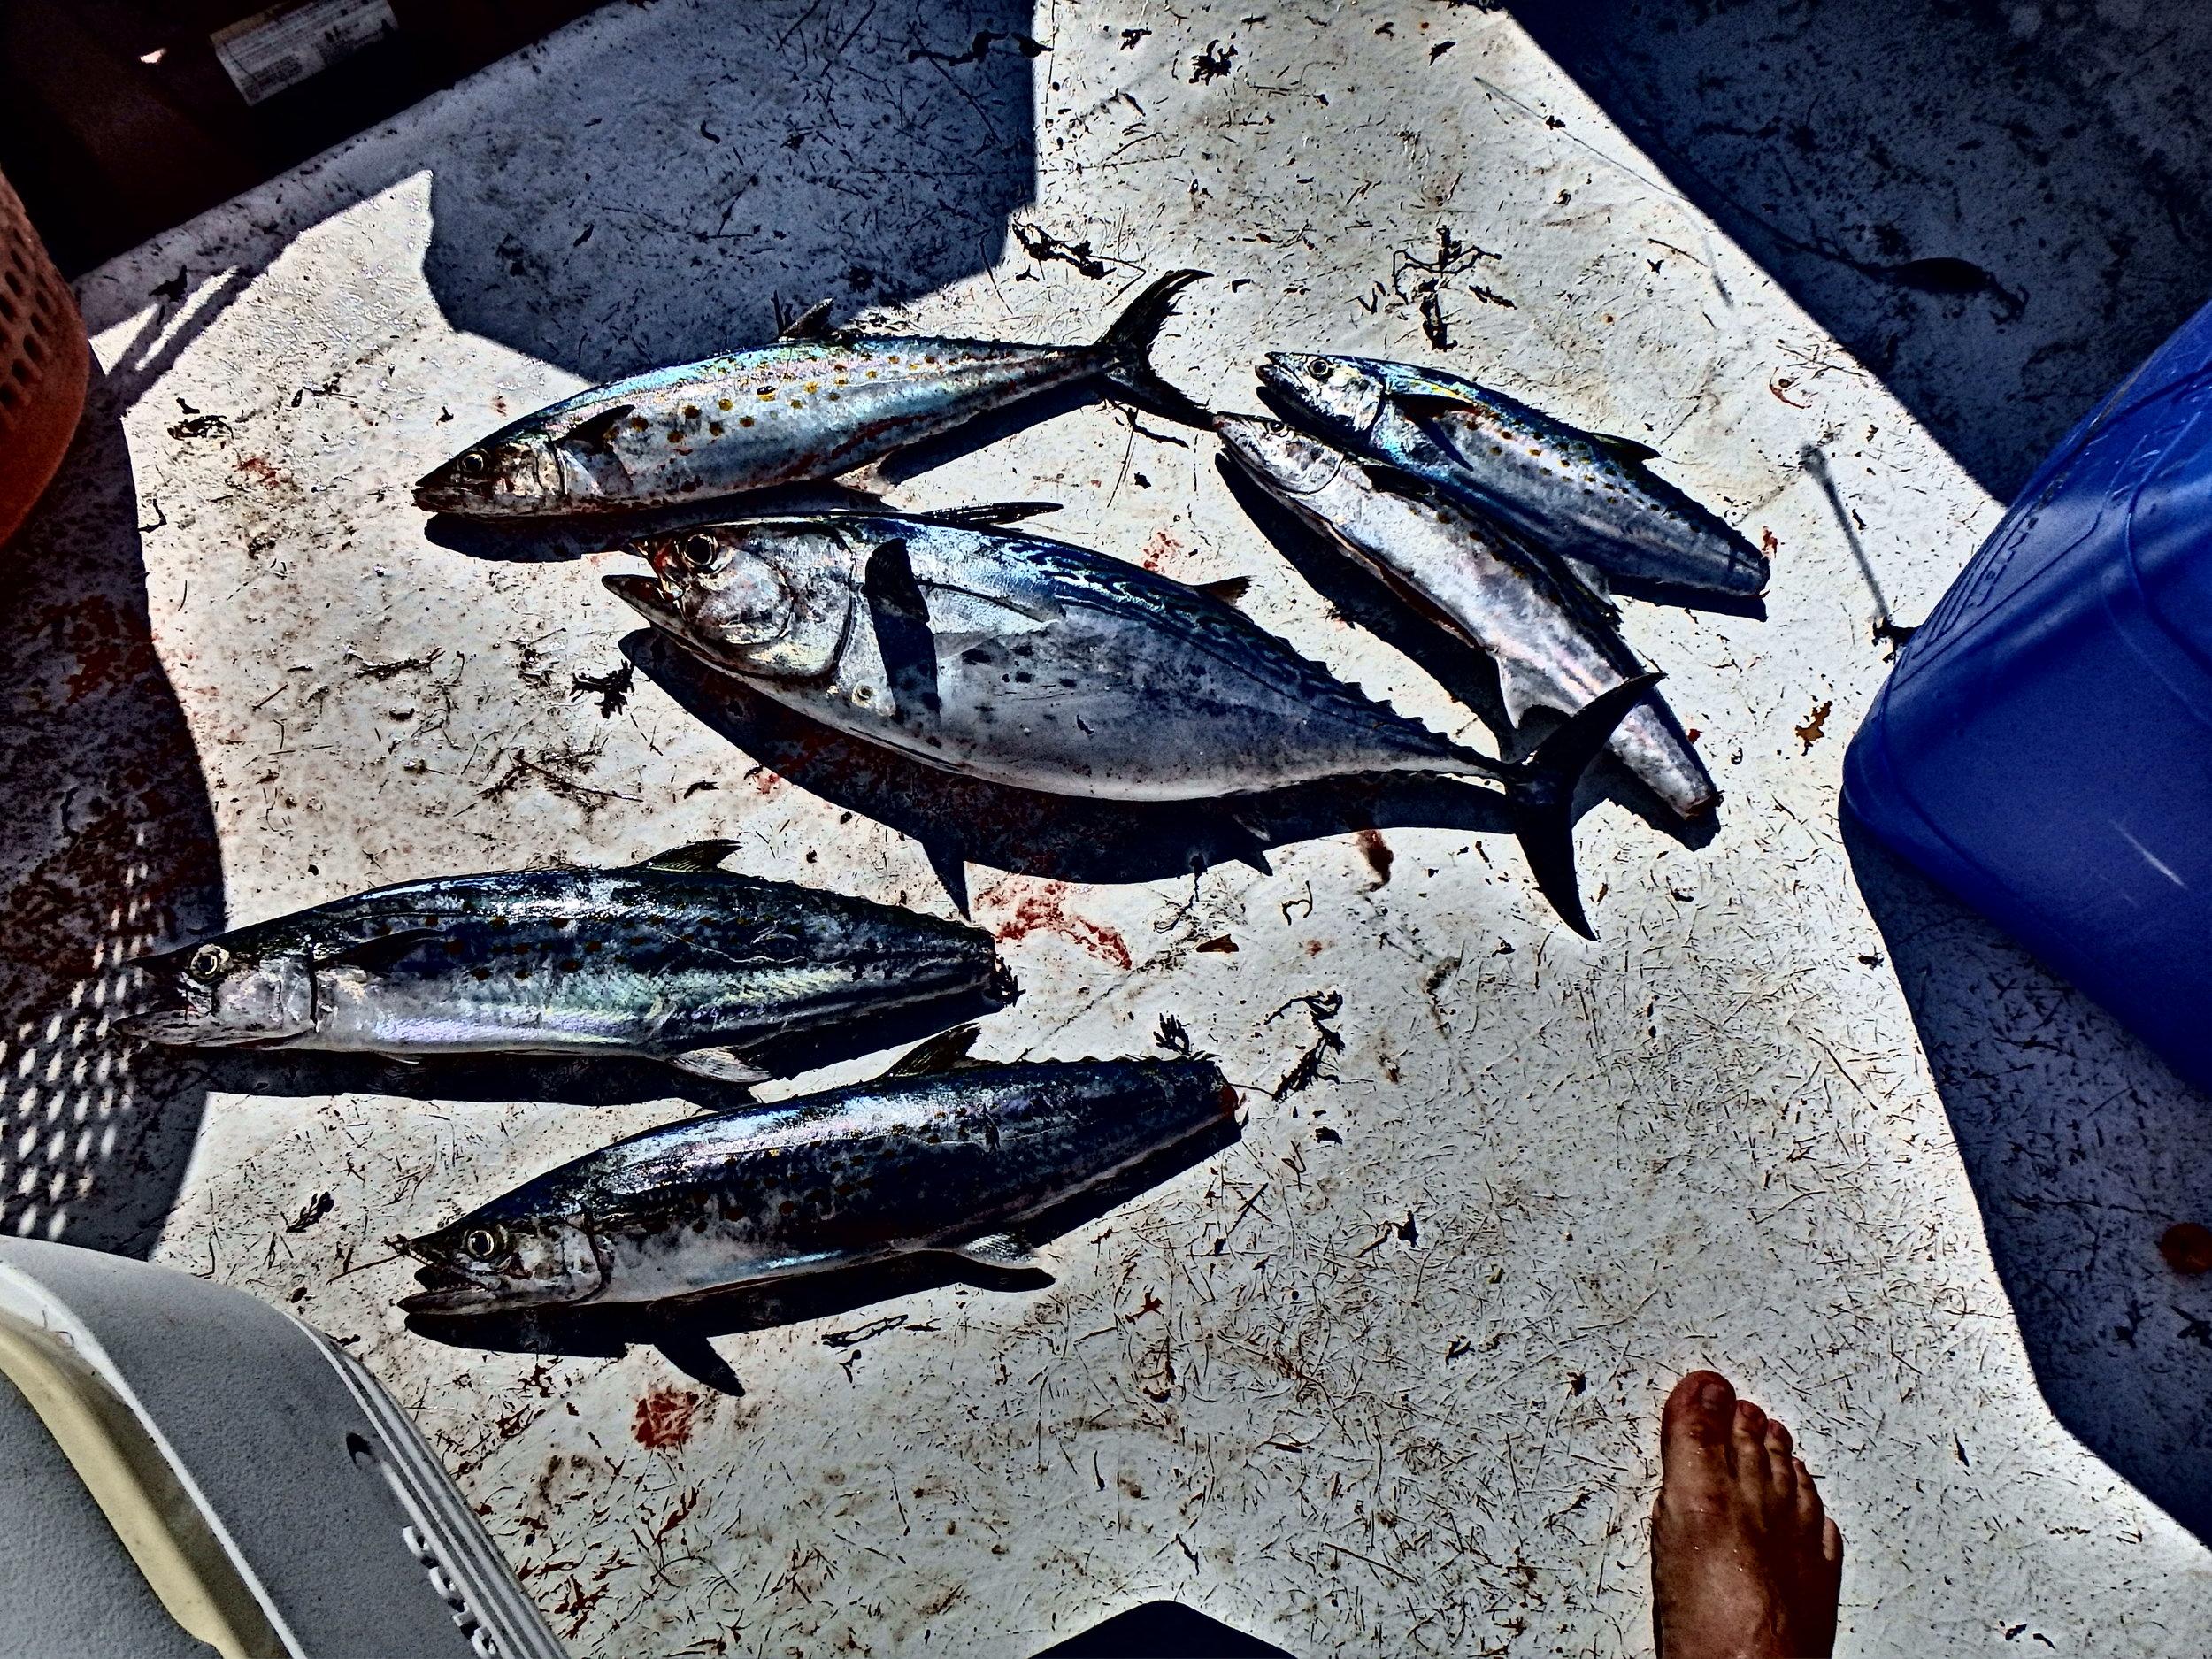 Mixed bag of 2nd gut Spanish Mackerel and Bonita